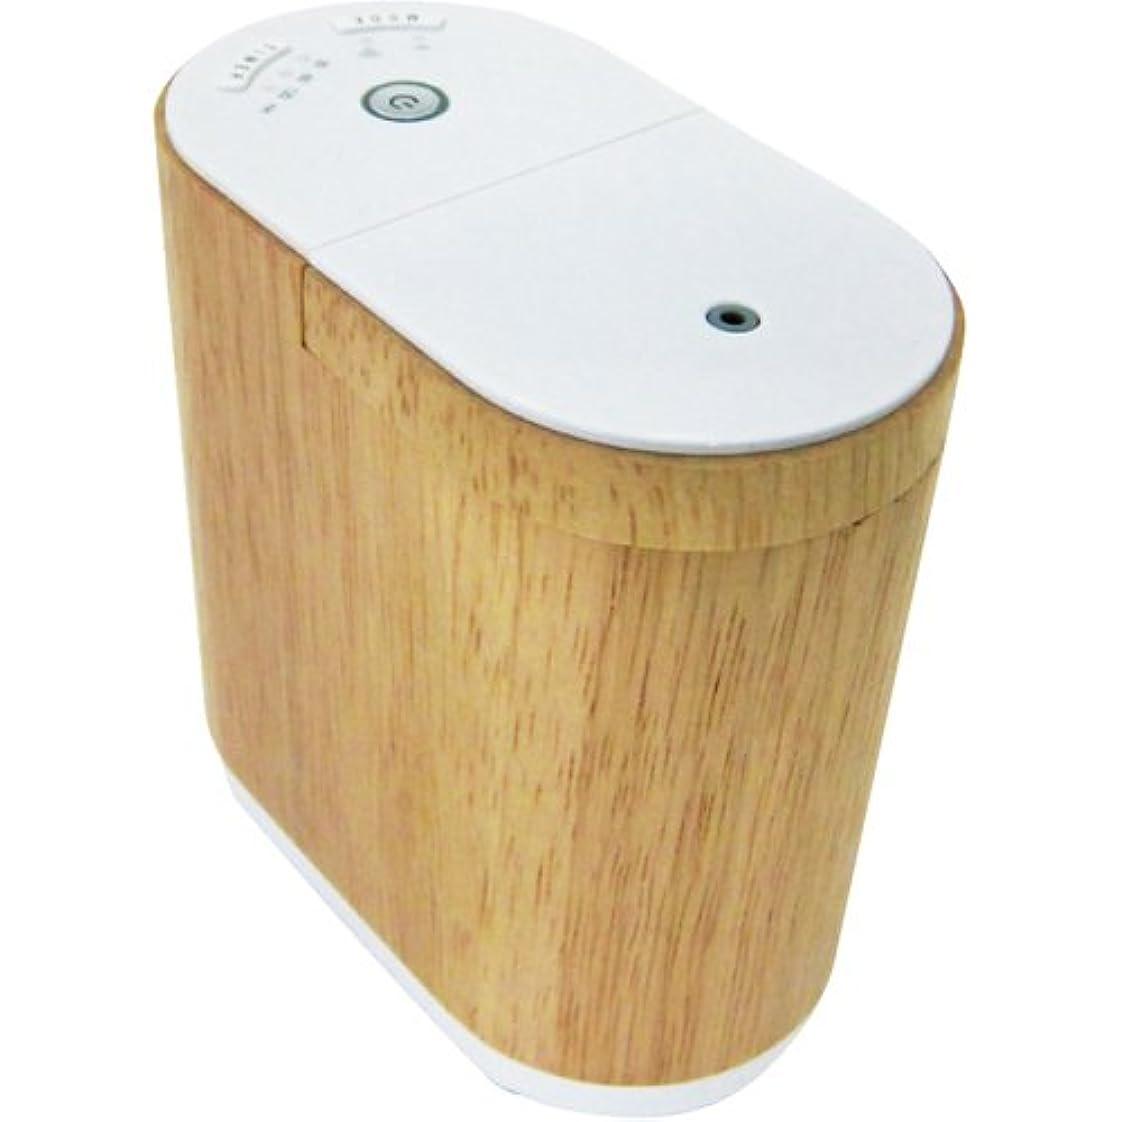 小石半島代理人生活の木 アロマディフューザー(ウッド)エッセンシャルオイルディフューザー aromore(アロモア) 08-801-6010